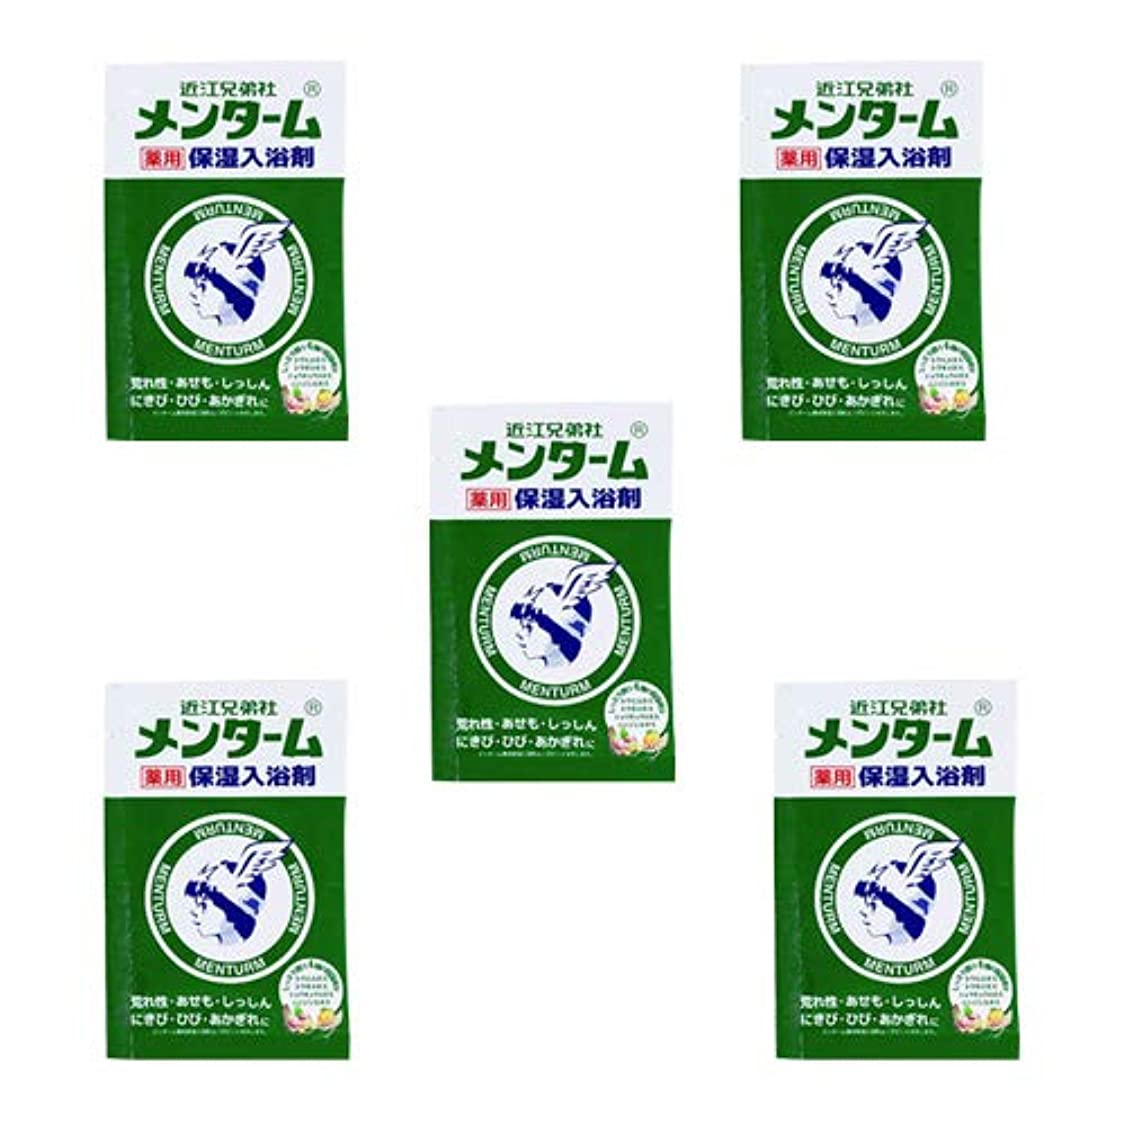 省略する安いですのぞき見近江兄弟社 メンターム 薬用 保湿入浴剤 25g×5個セット